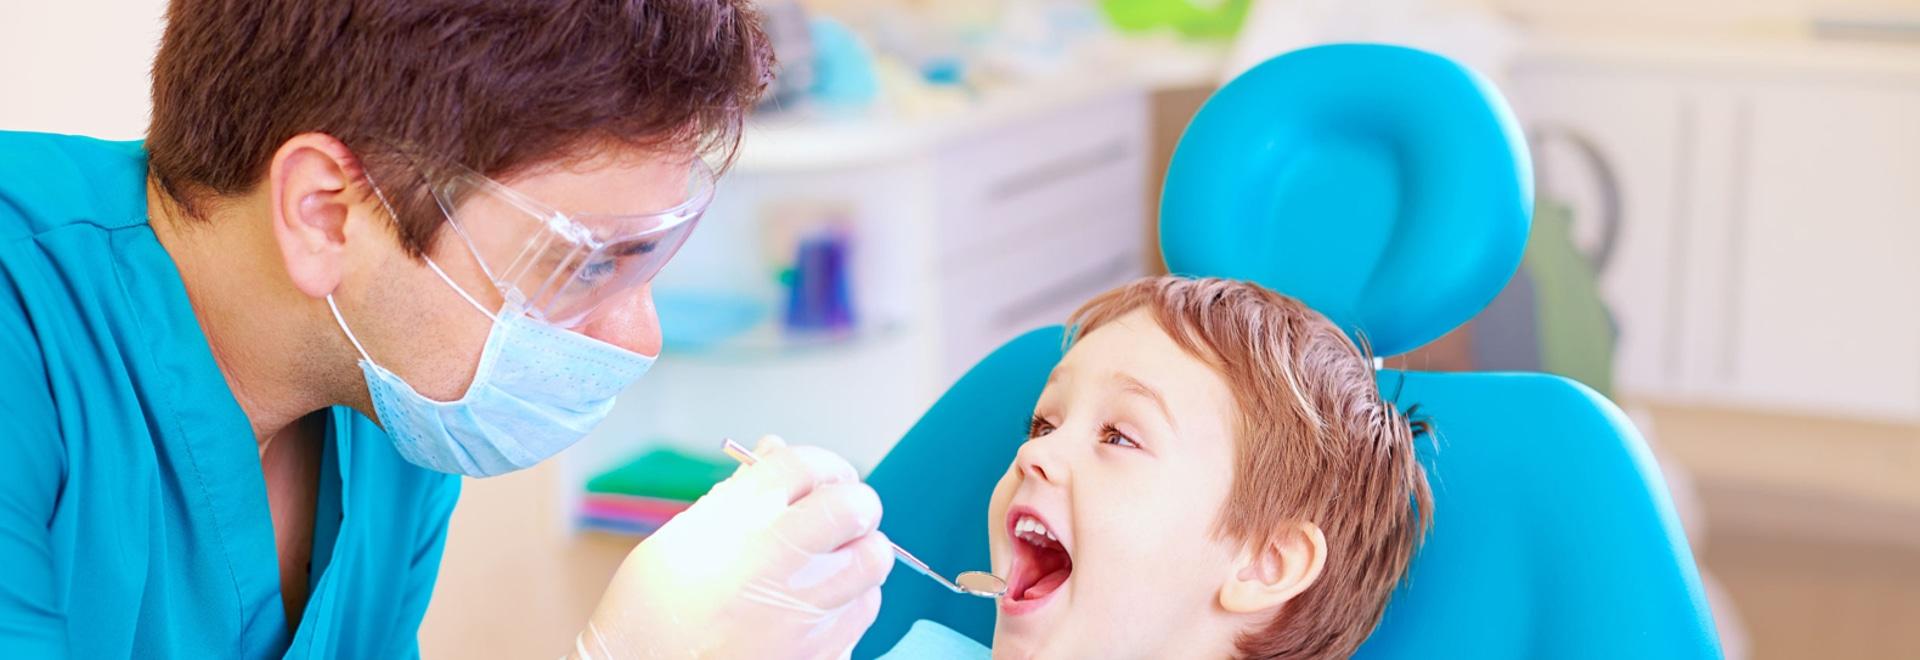 Les dentistes pédiatriques augmenteront de 60 % au cours de la prochaine décennie